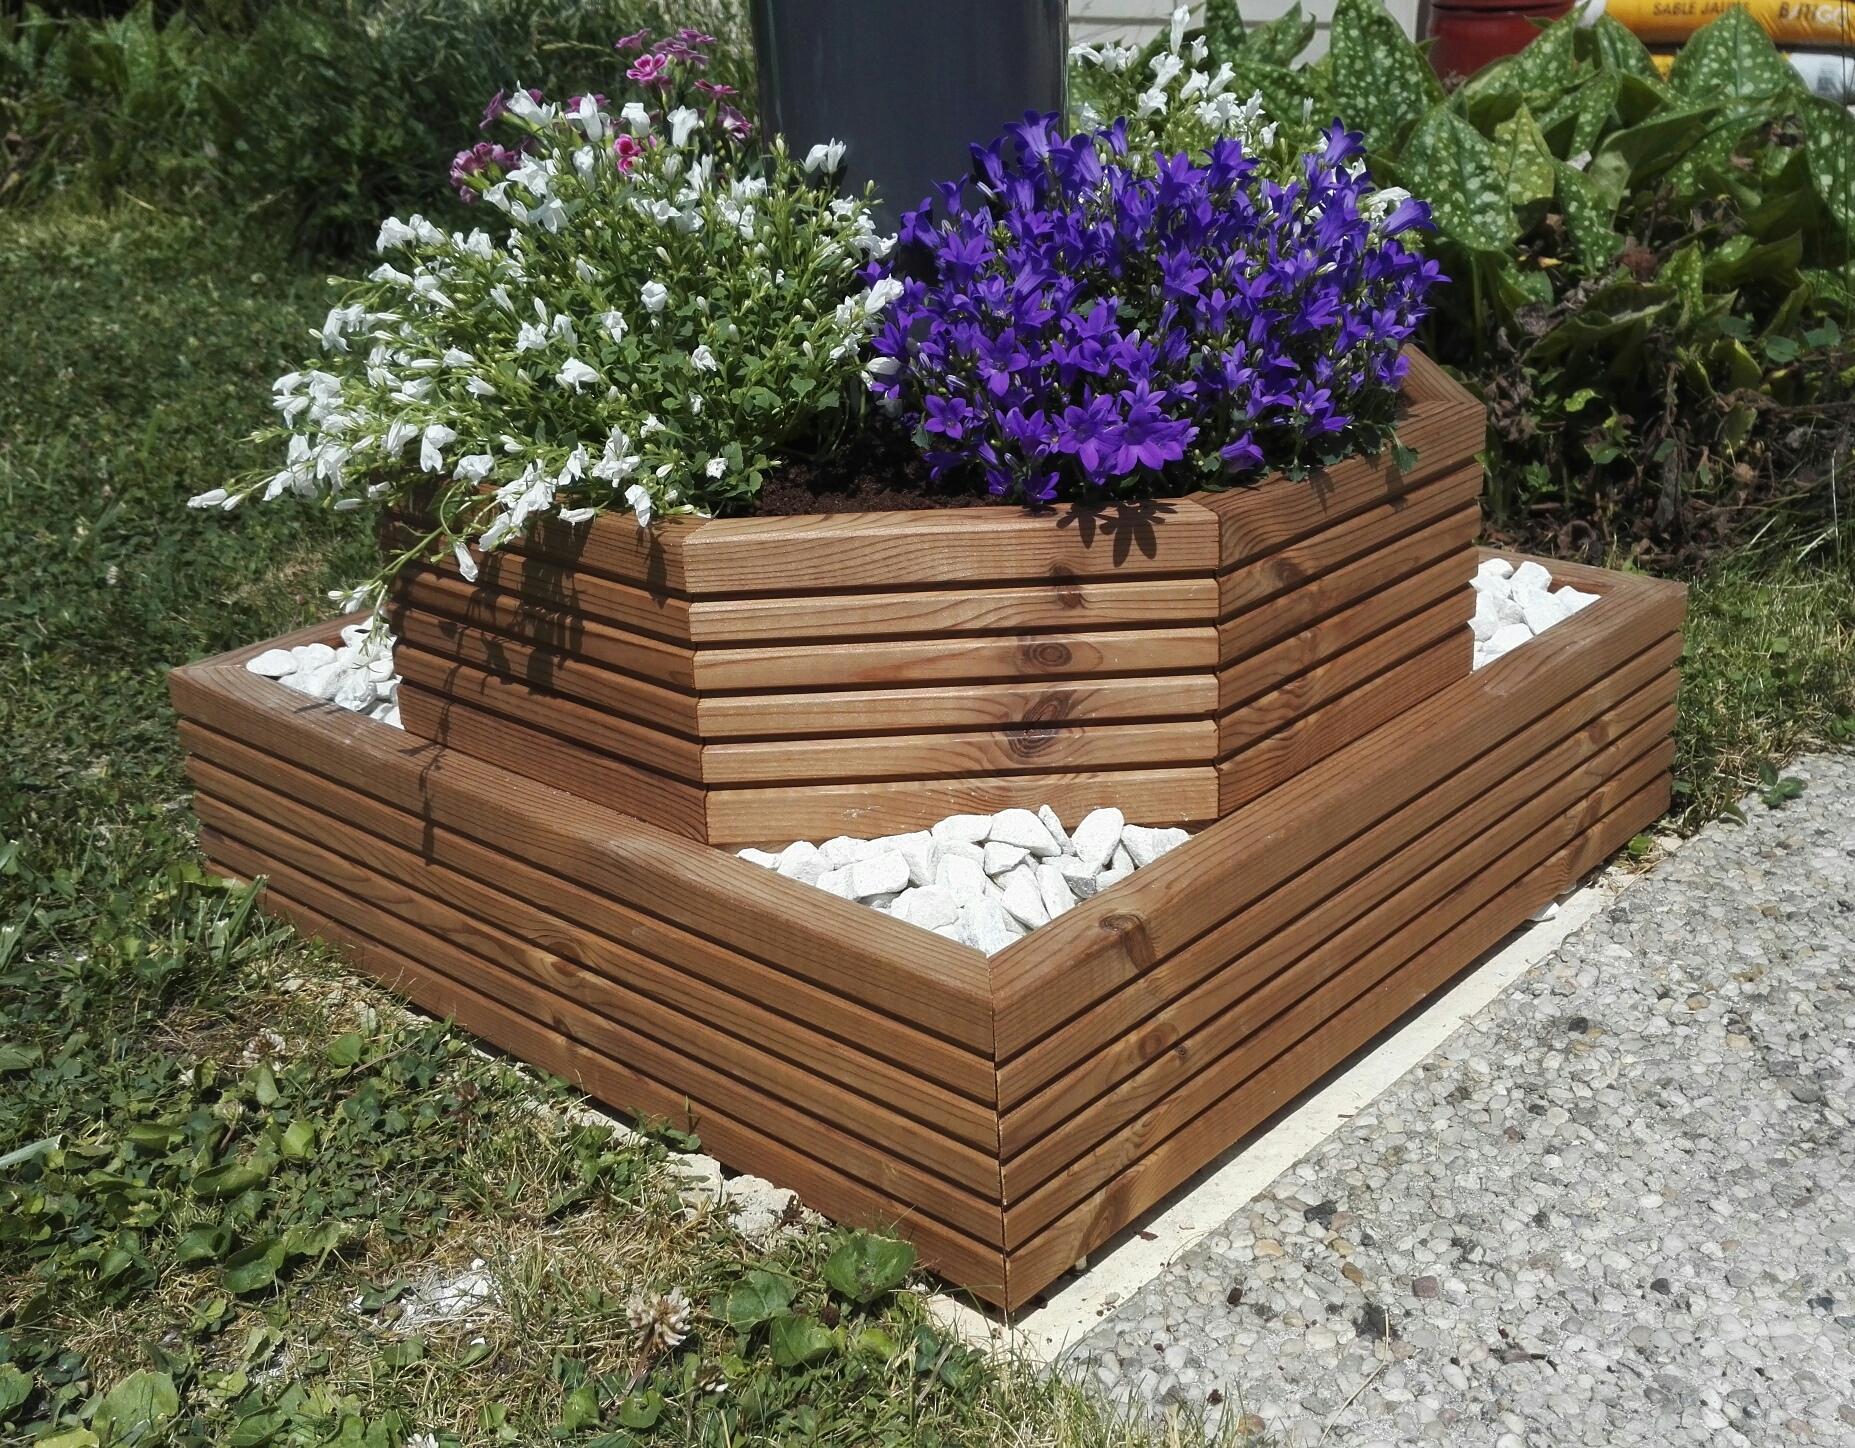 jardiniere sur terrasse crations et amnagement de jardinires sur la terrasse duun restaurant. Black Bedroom Furniture Sets. Home Design Ideas